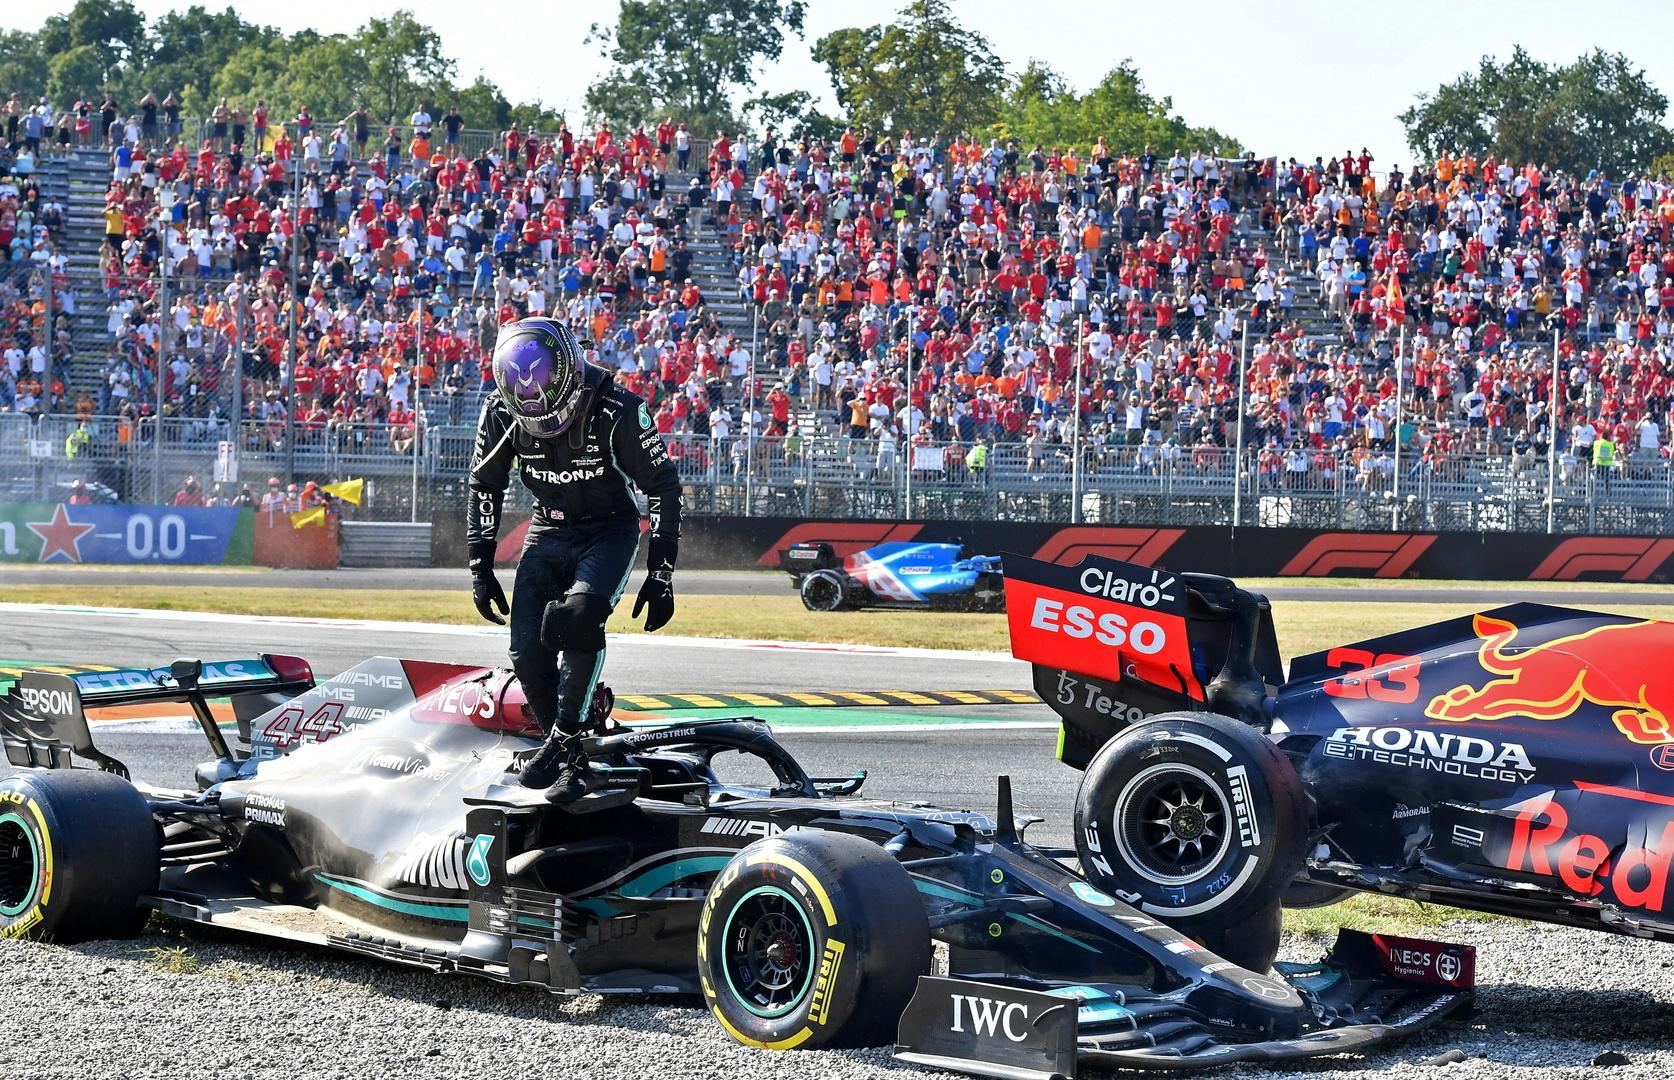 استطلاع يكشف معشوق الجماهير بين فرق فورمولا 1